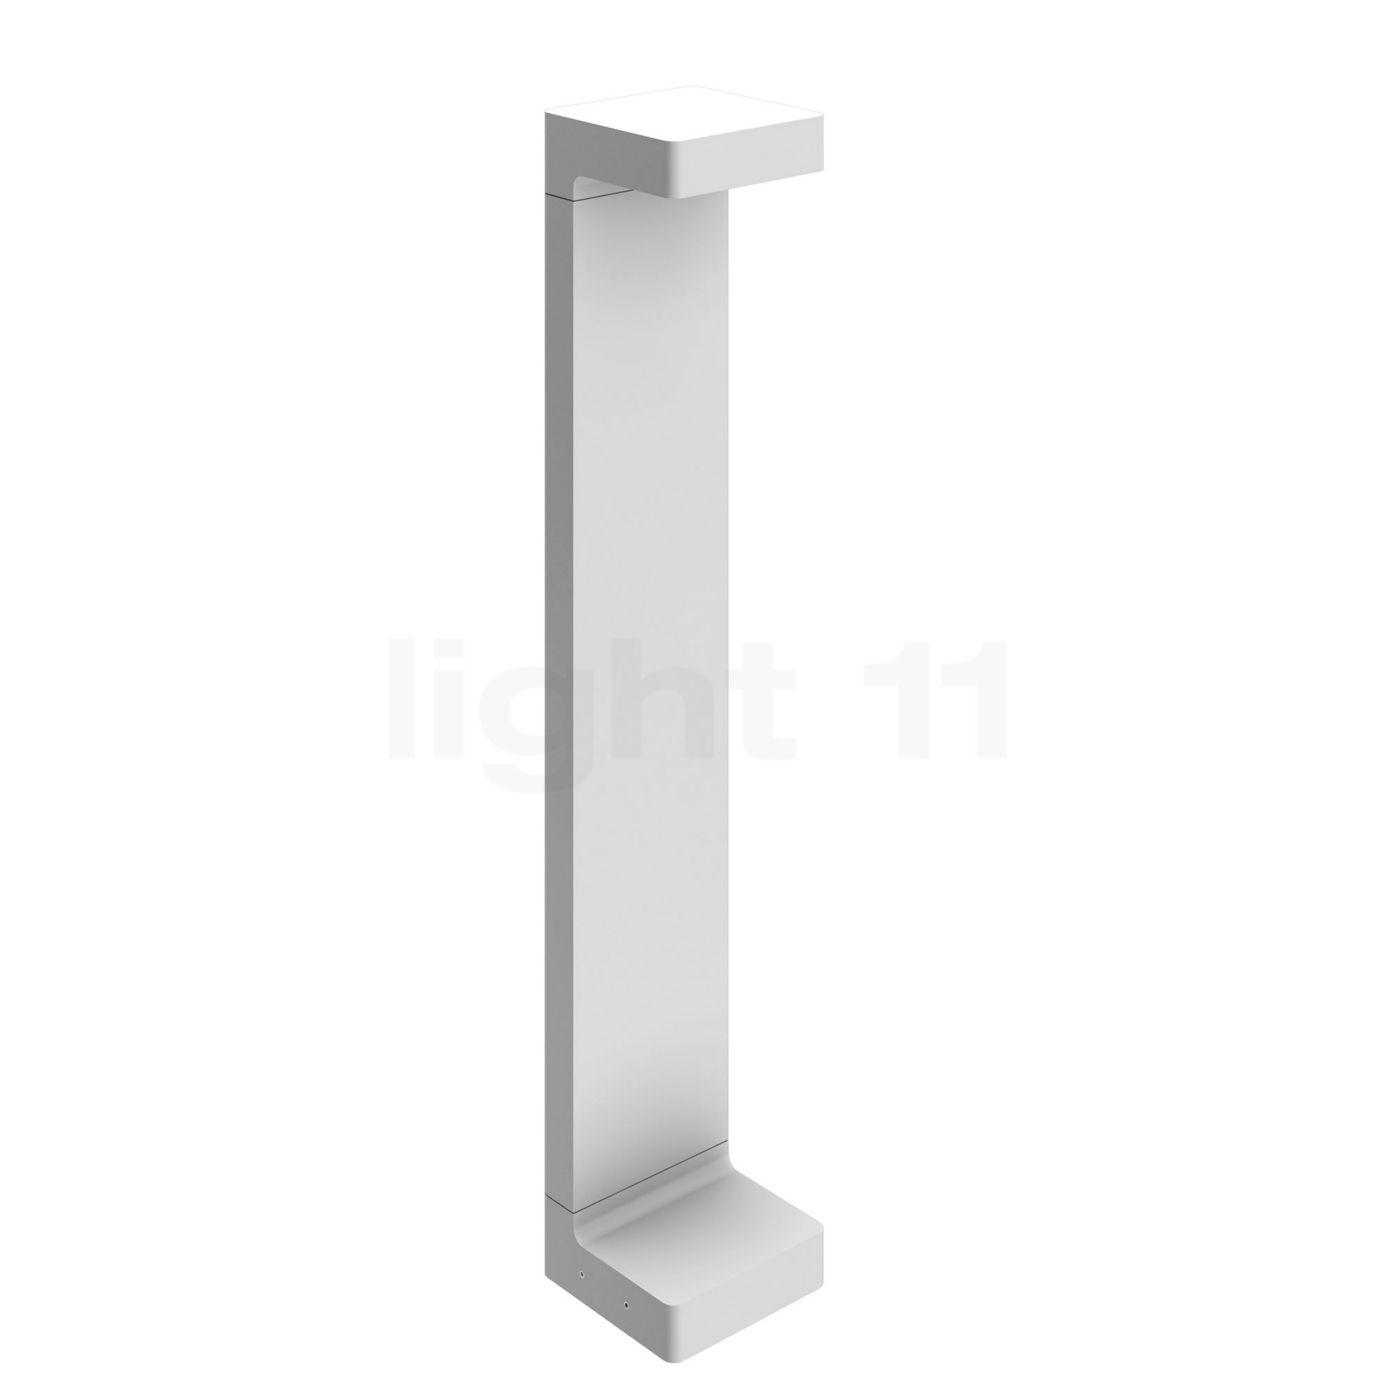 Flos Casting C 150 85 cm, weiß F1236001